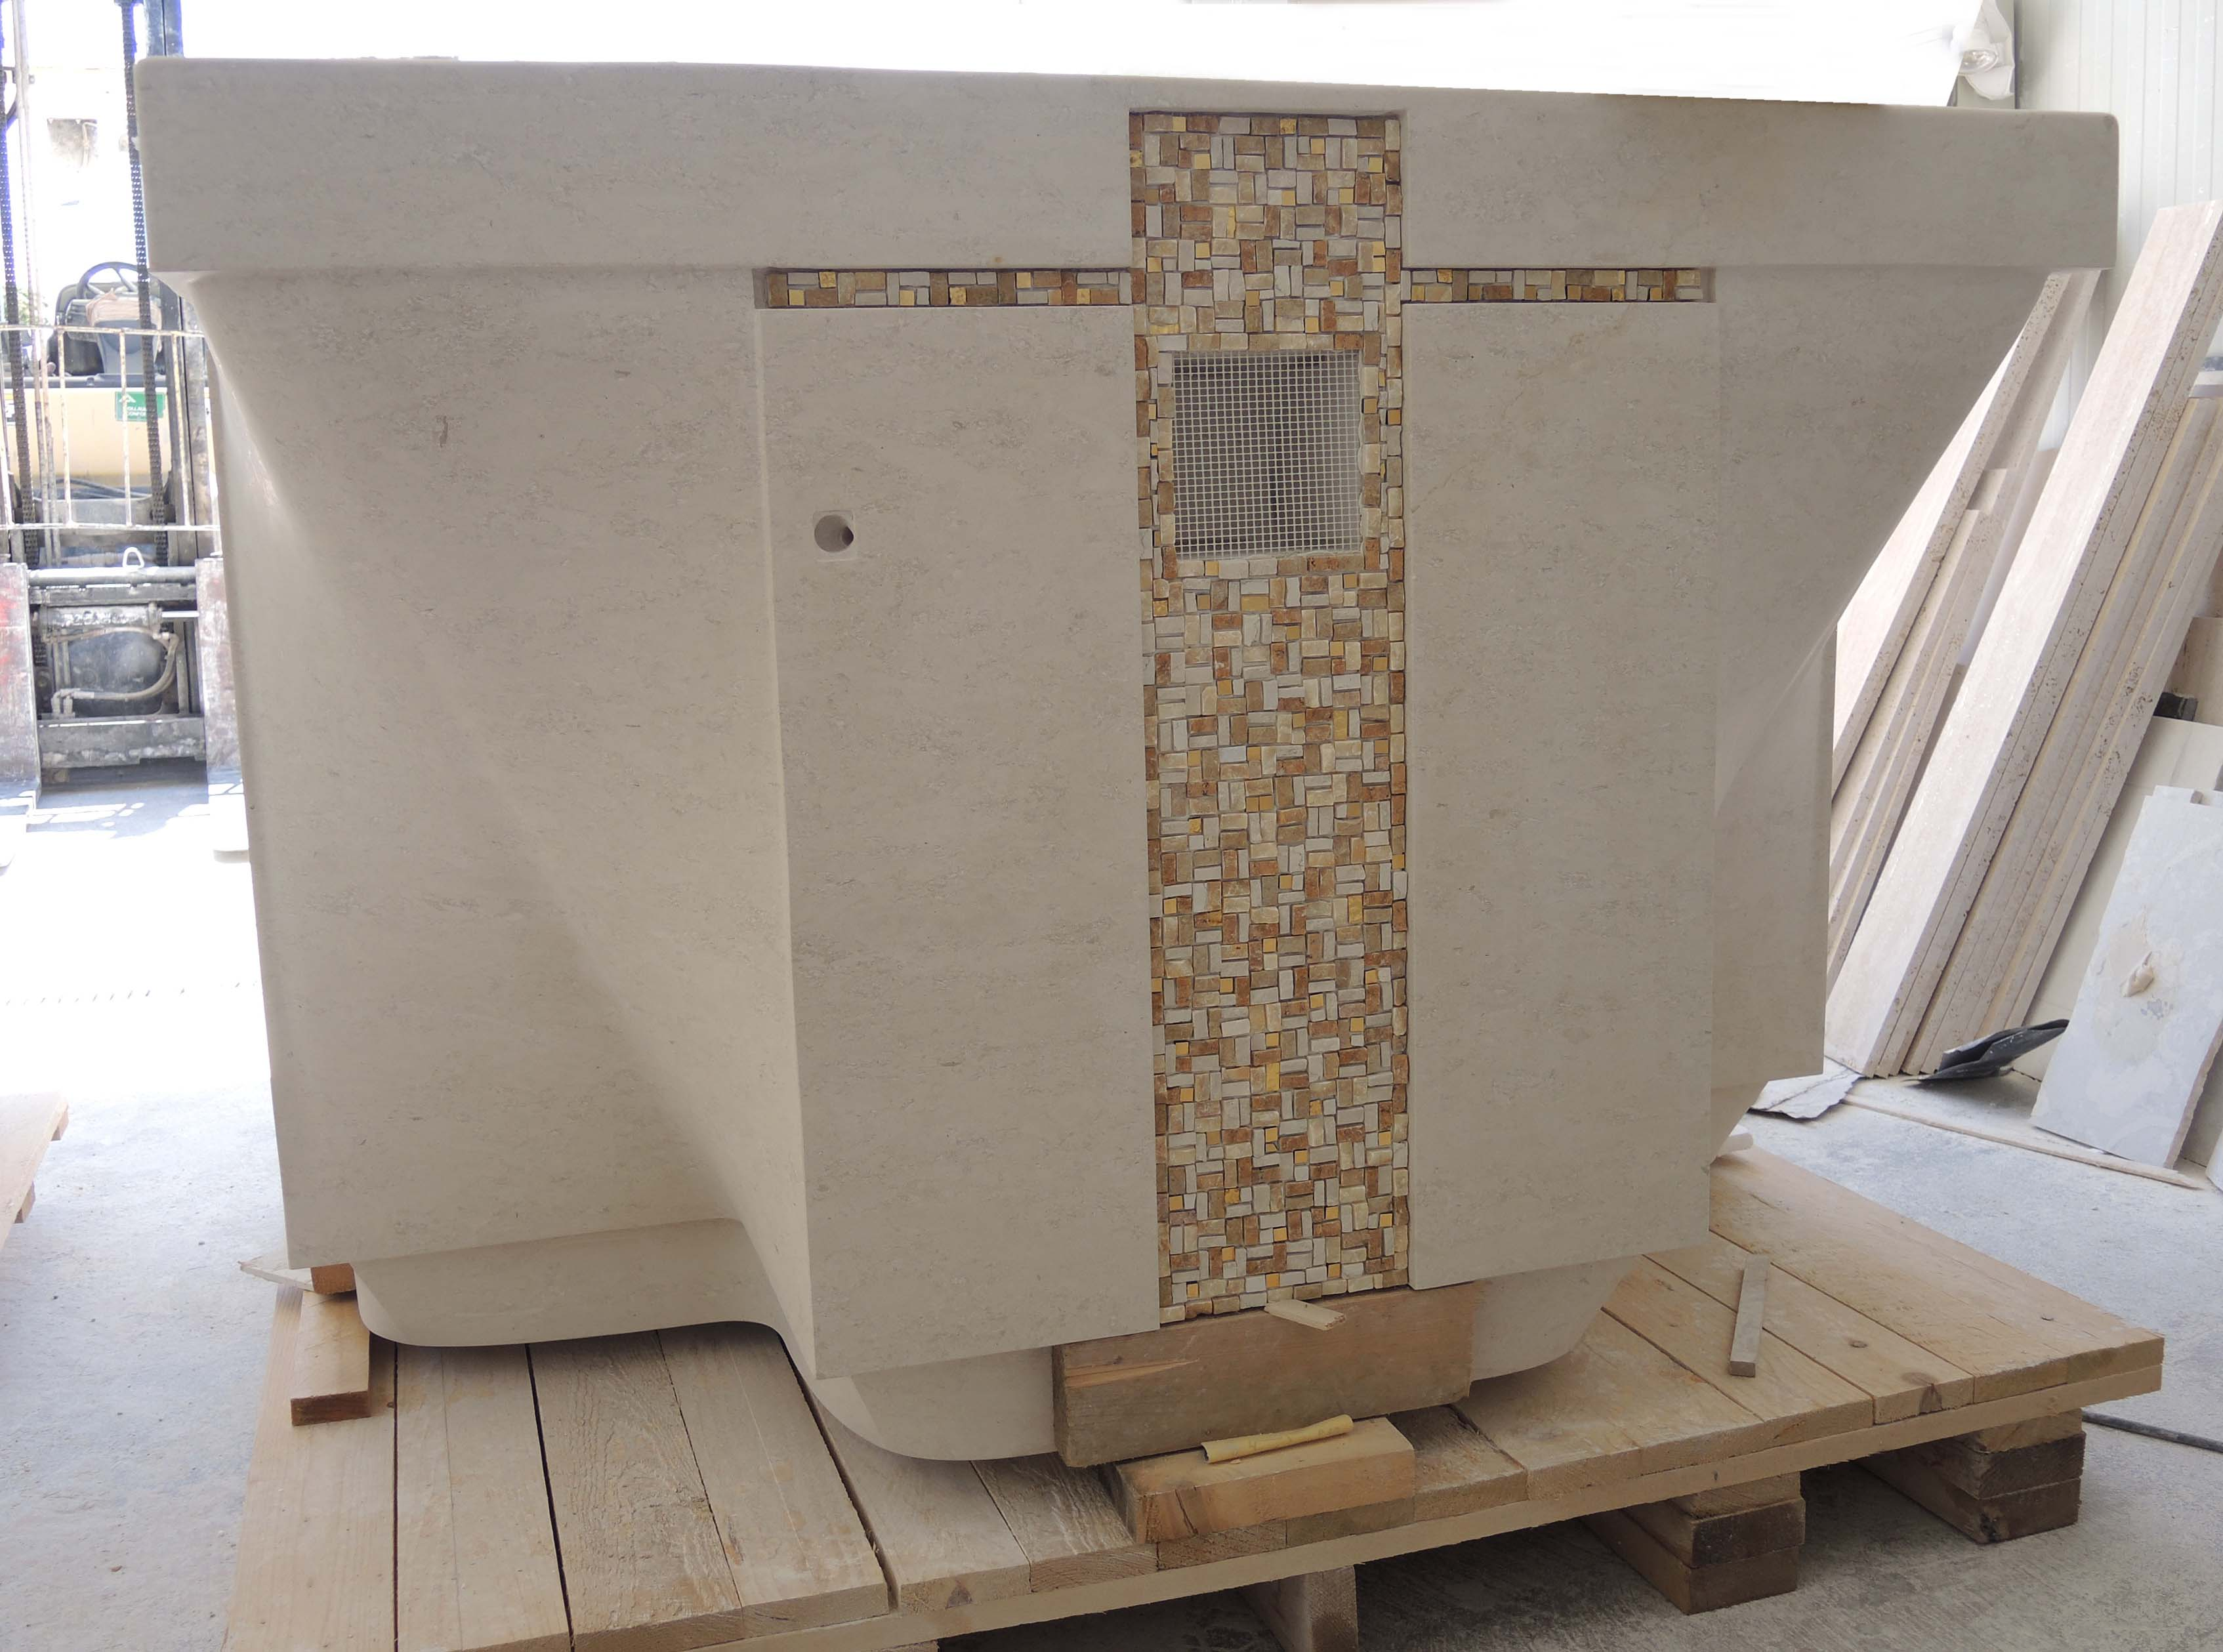 Applicazione del mosaico